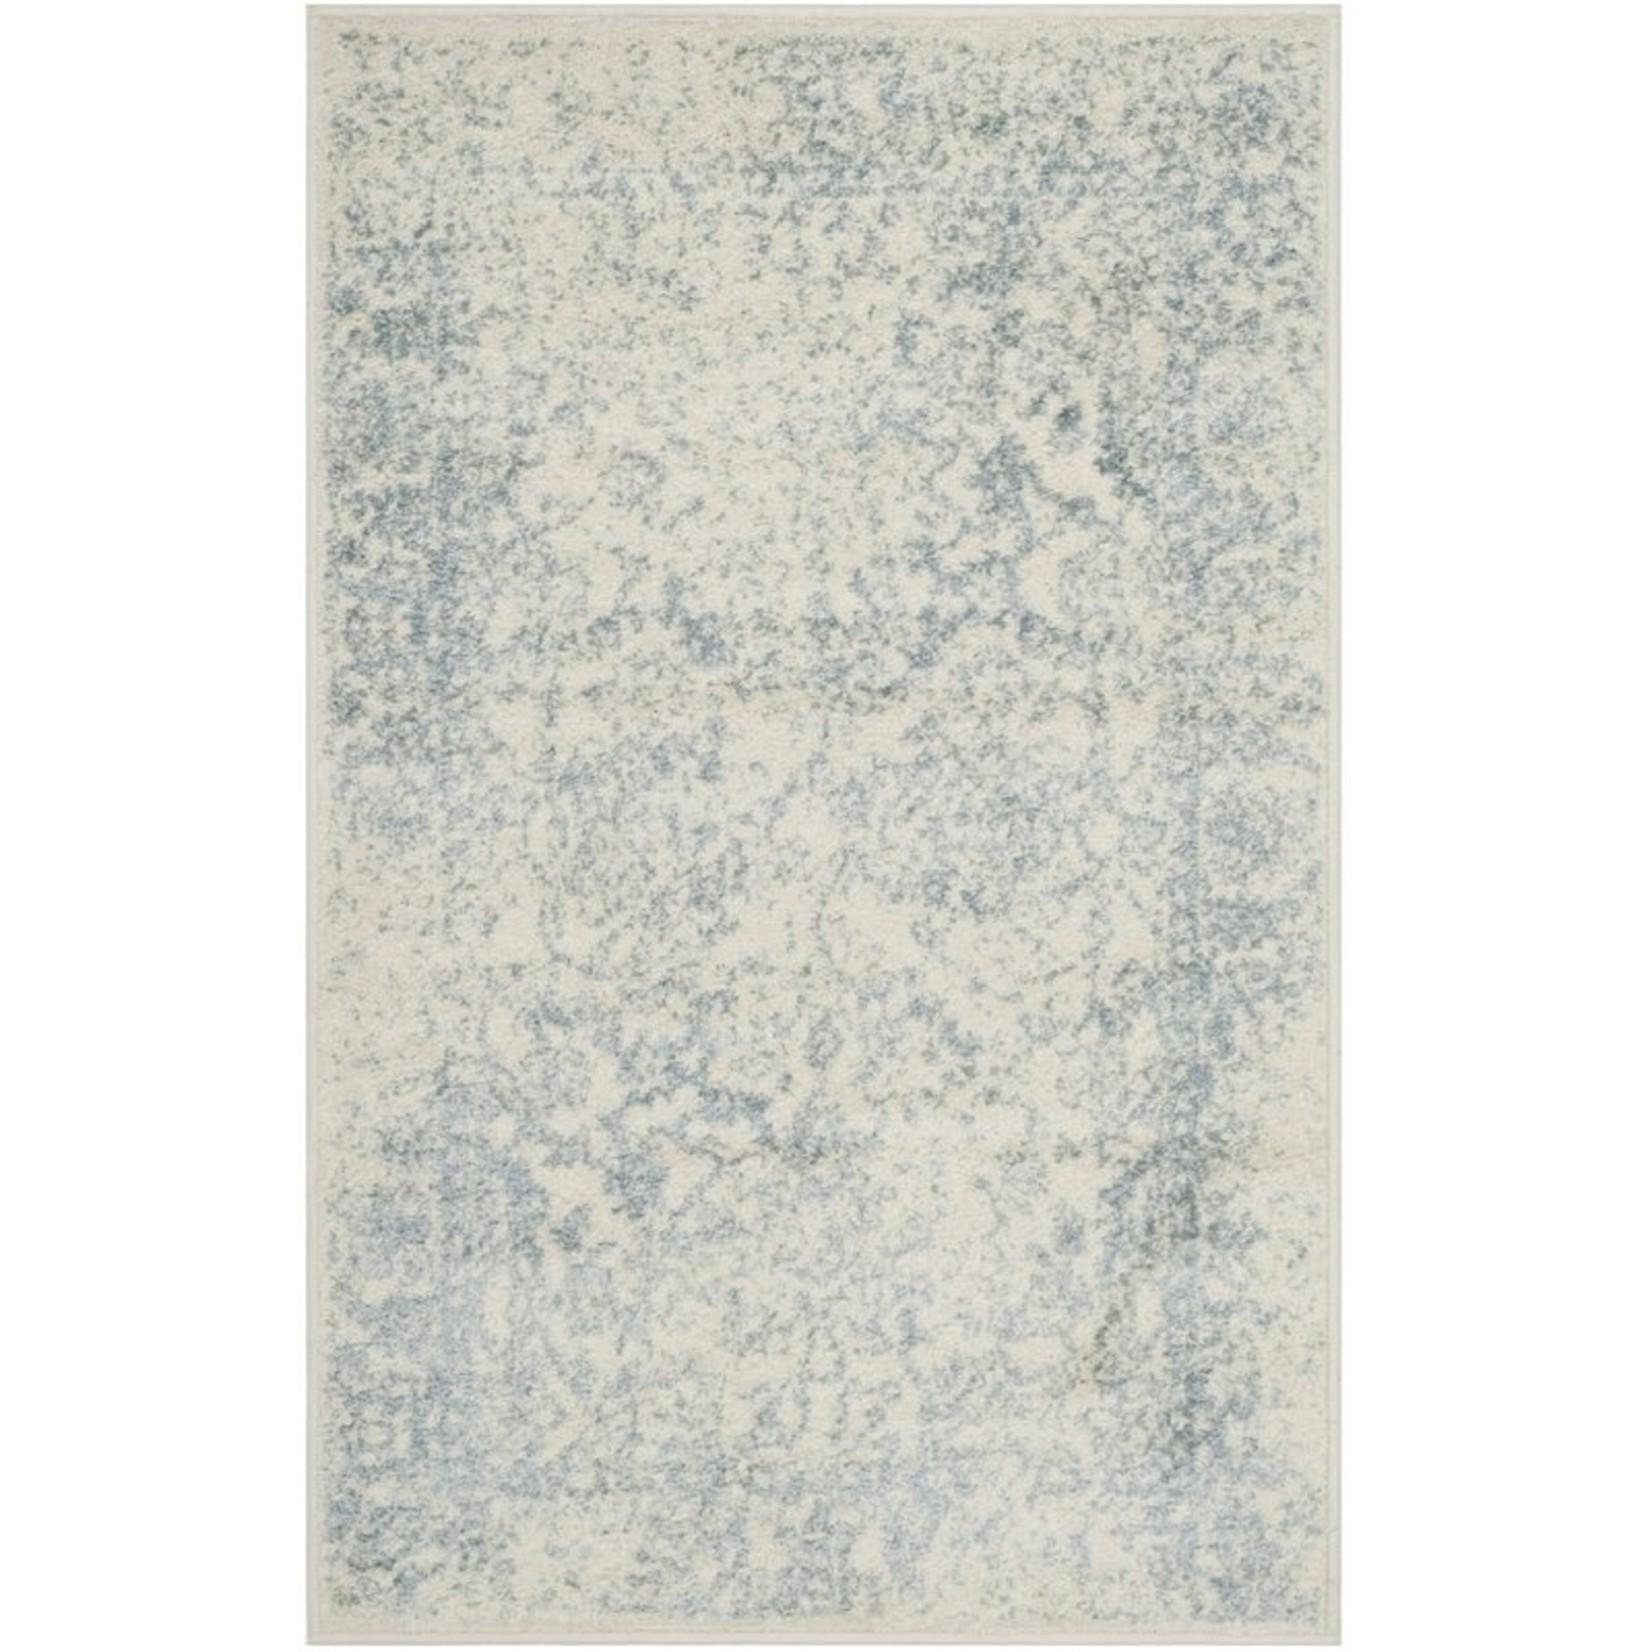 *11' x 15' - Howton Ivory/Slate Area Rug